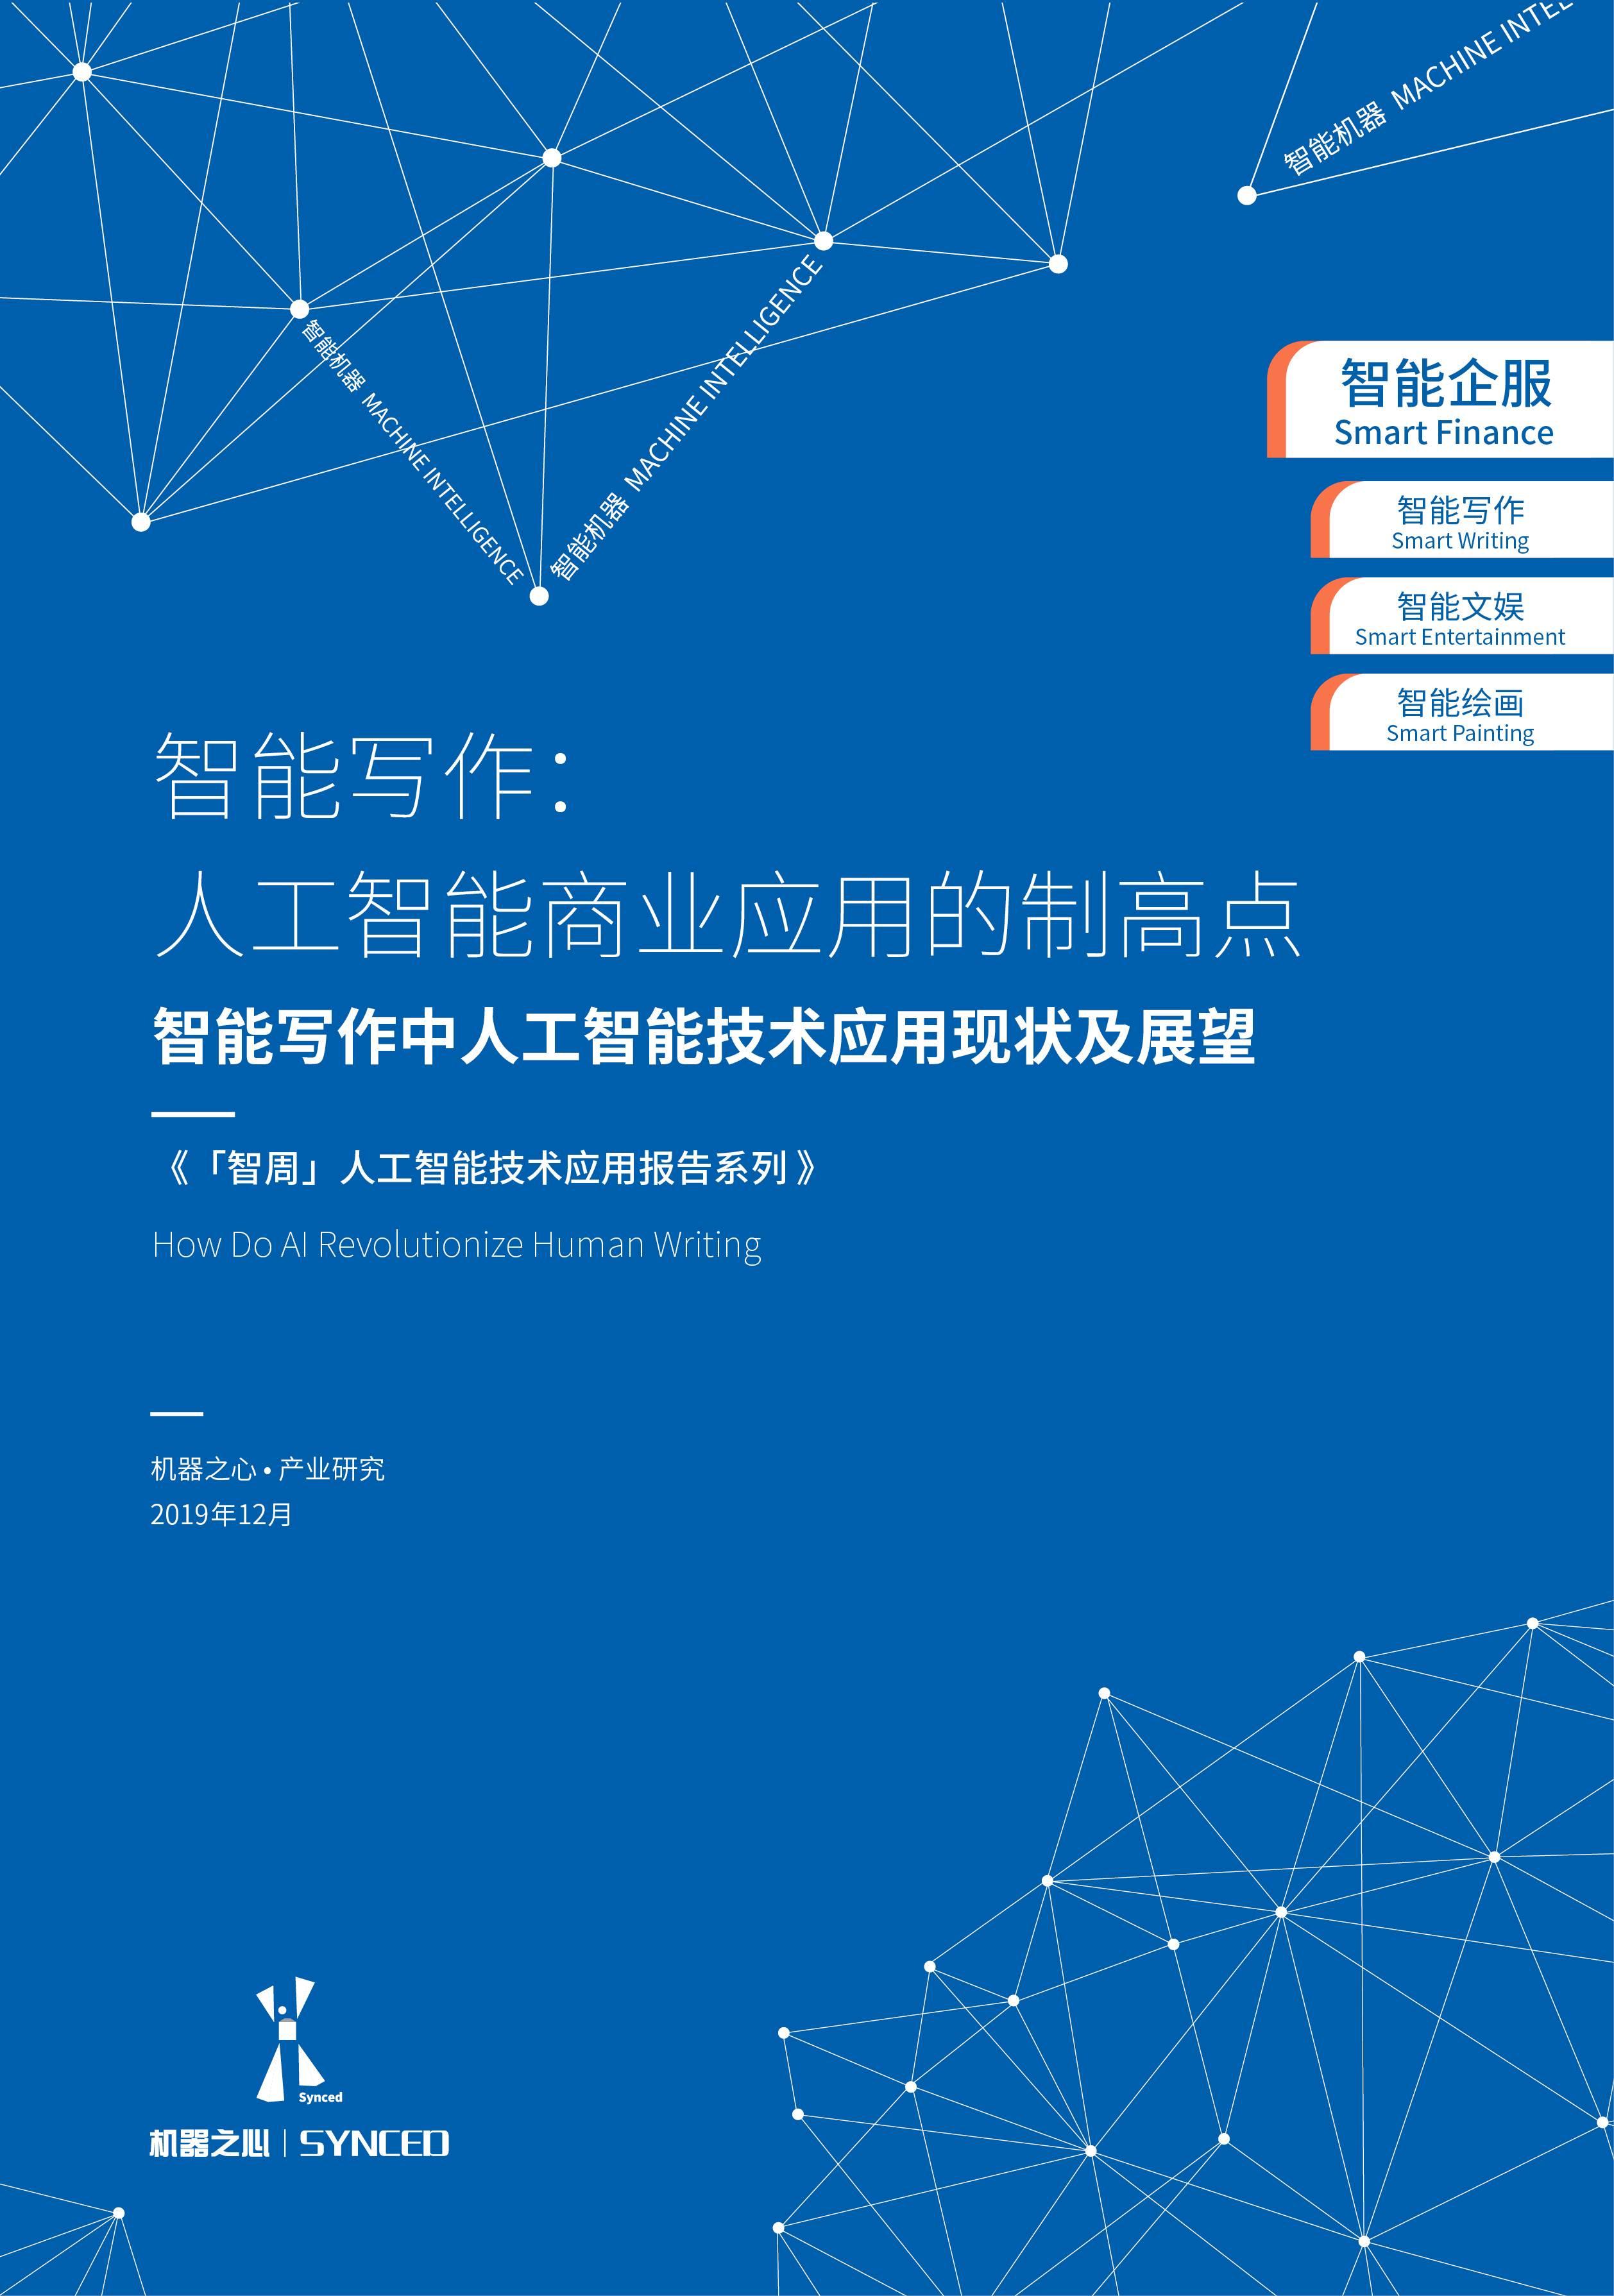 智能写作:人工智能商业应用的制高点——智能写作中人工智能技术的应用现状及趋势展望